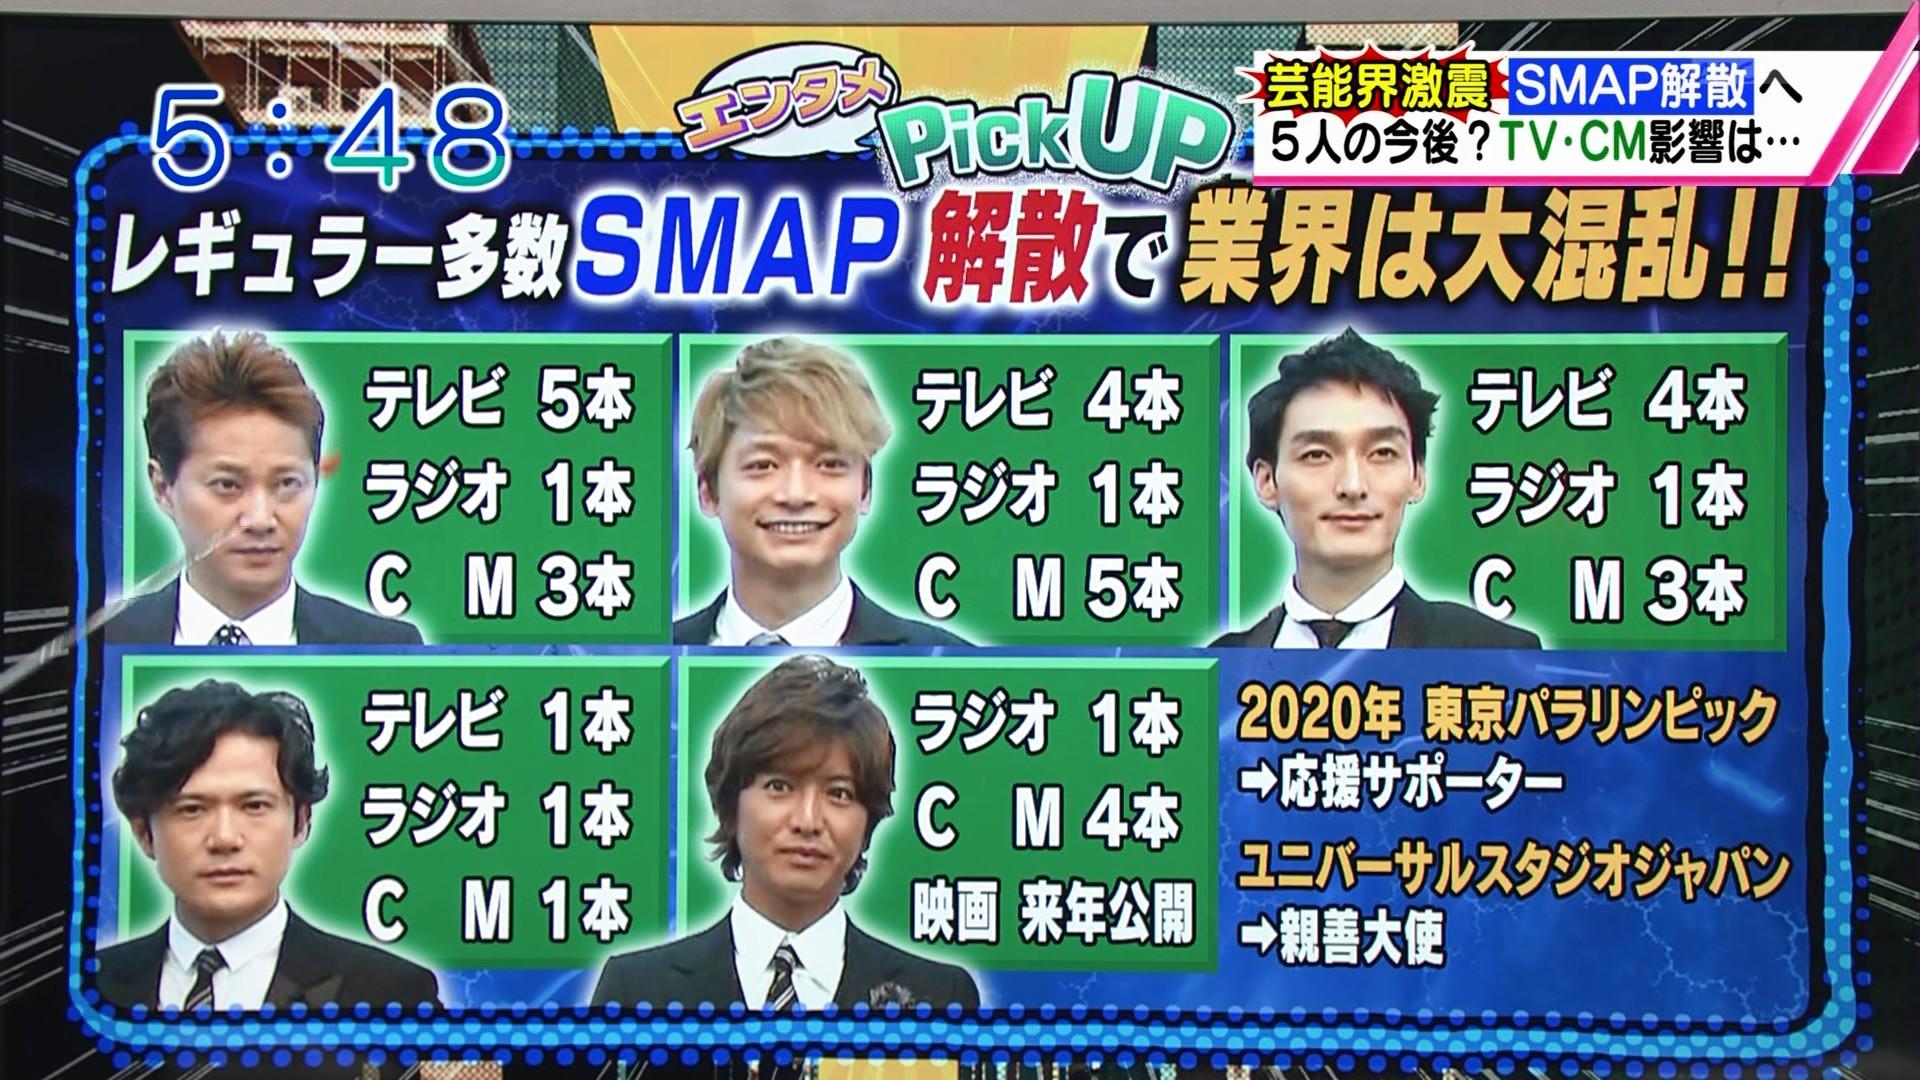 『SMAP、アイドルやめるってよ』 映画化決定!